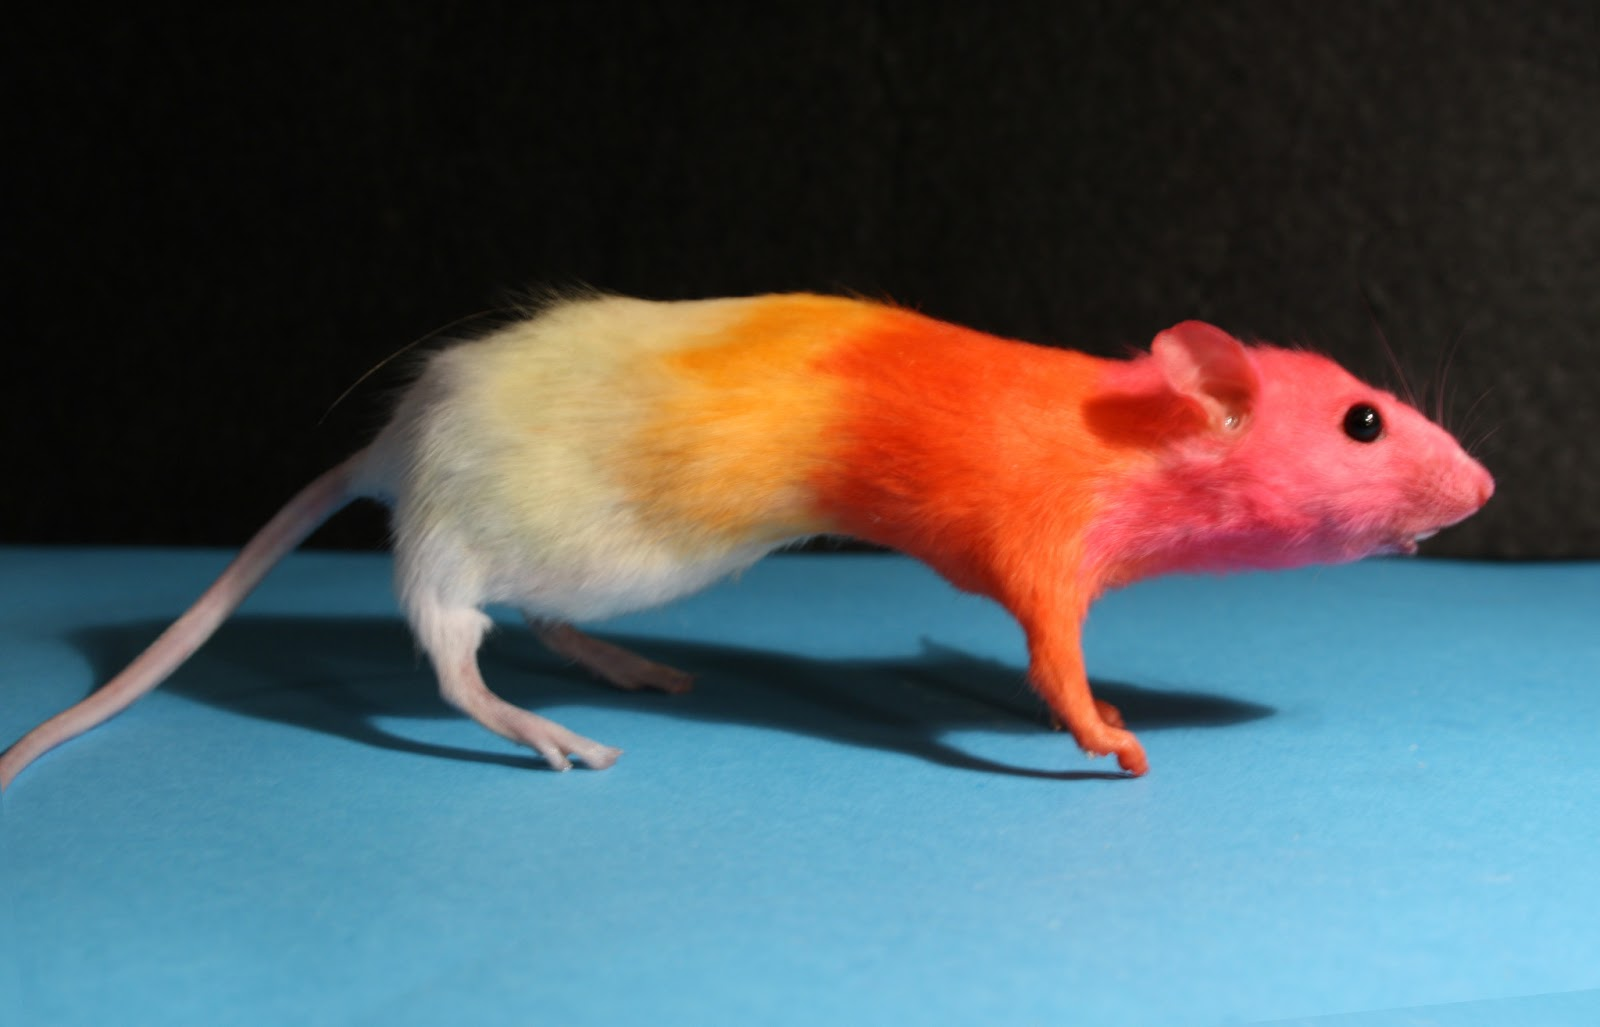 re-animation: Mouse Rigor Mortis